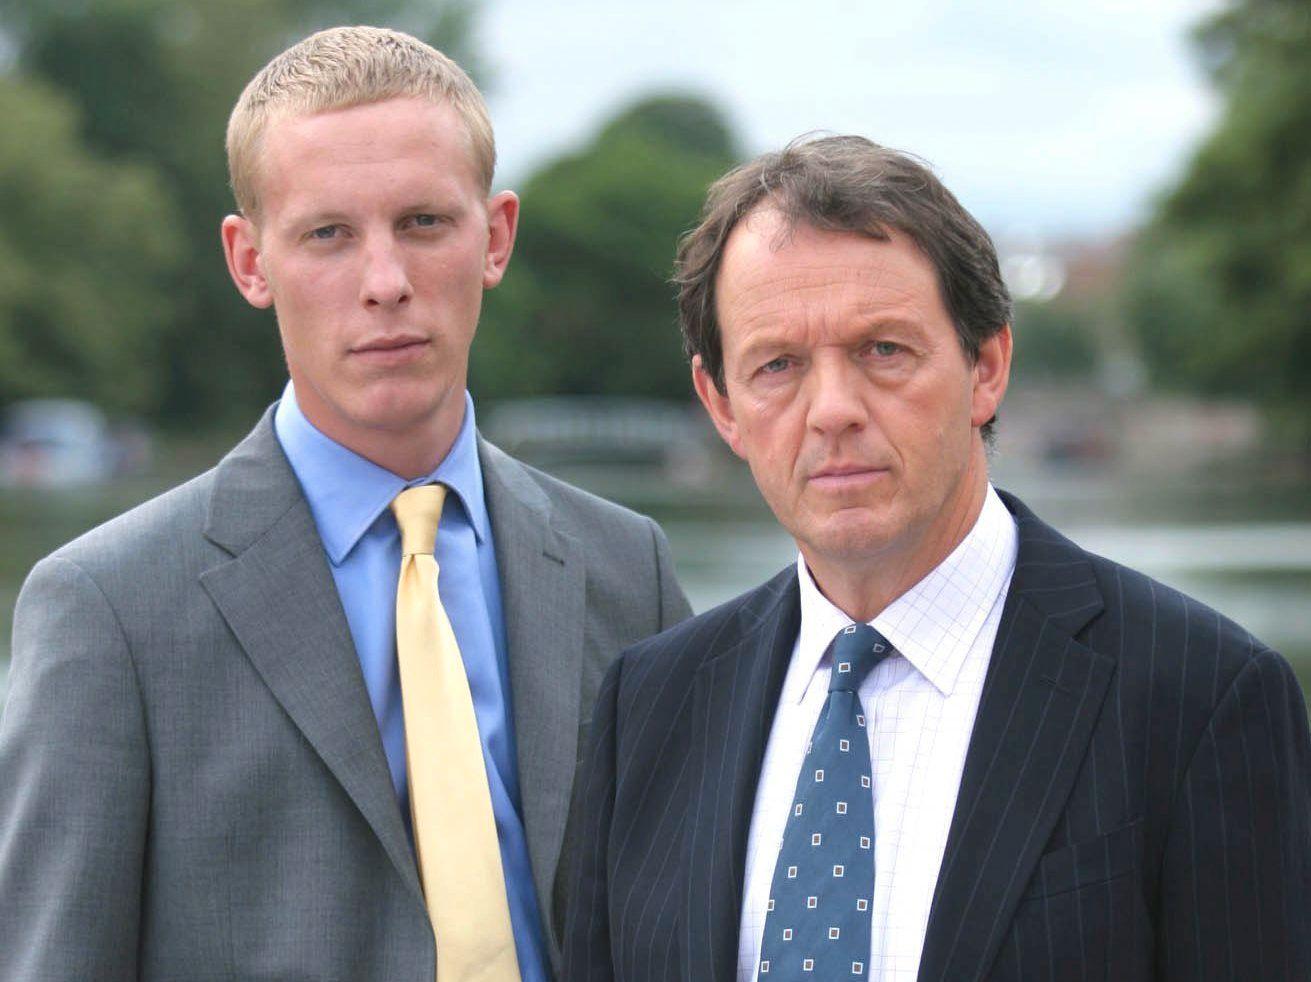 DRAMA TAPER: Drama – og særlig utenlandsk drama, her representert ved Inspektør Lewis (Kevin Whately, t.v.) og hans medhjelper Hathaway (Laurence Fox), taper stort når det gjelder seing via kringkastet TV.